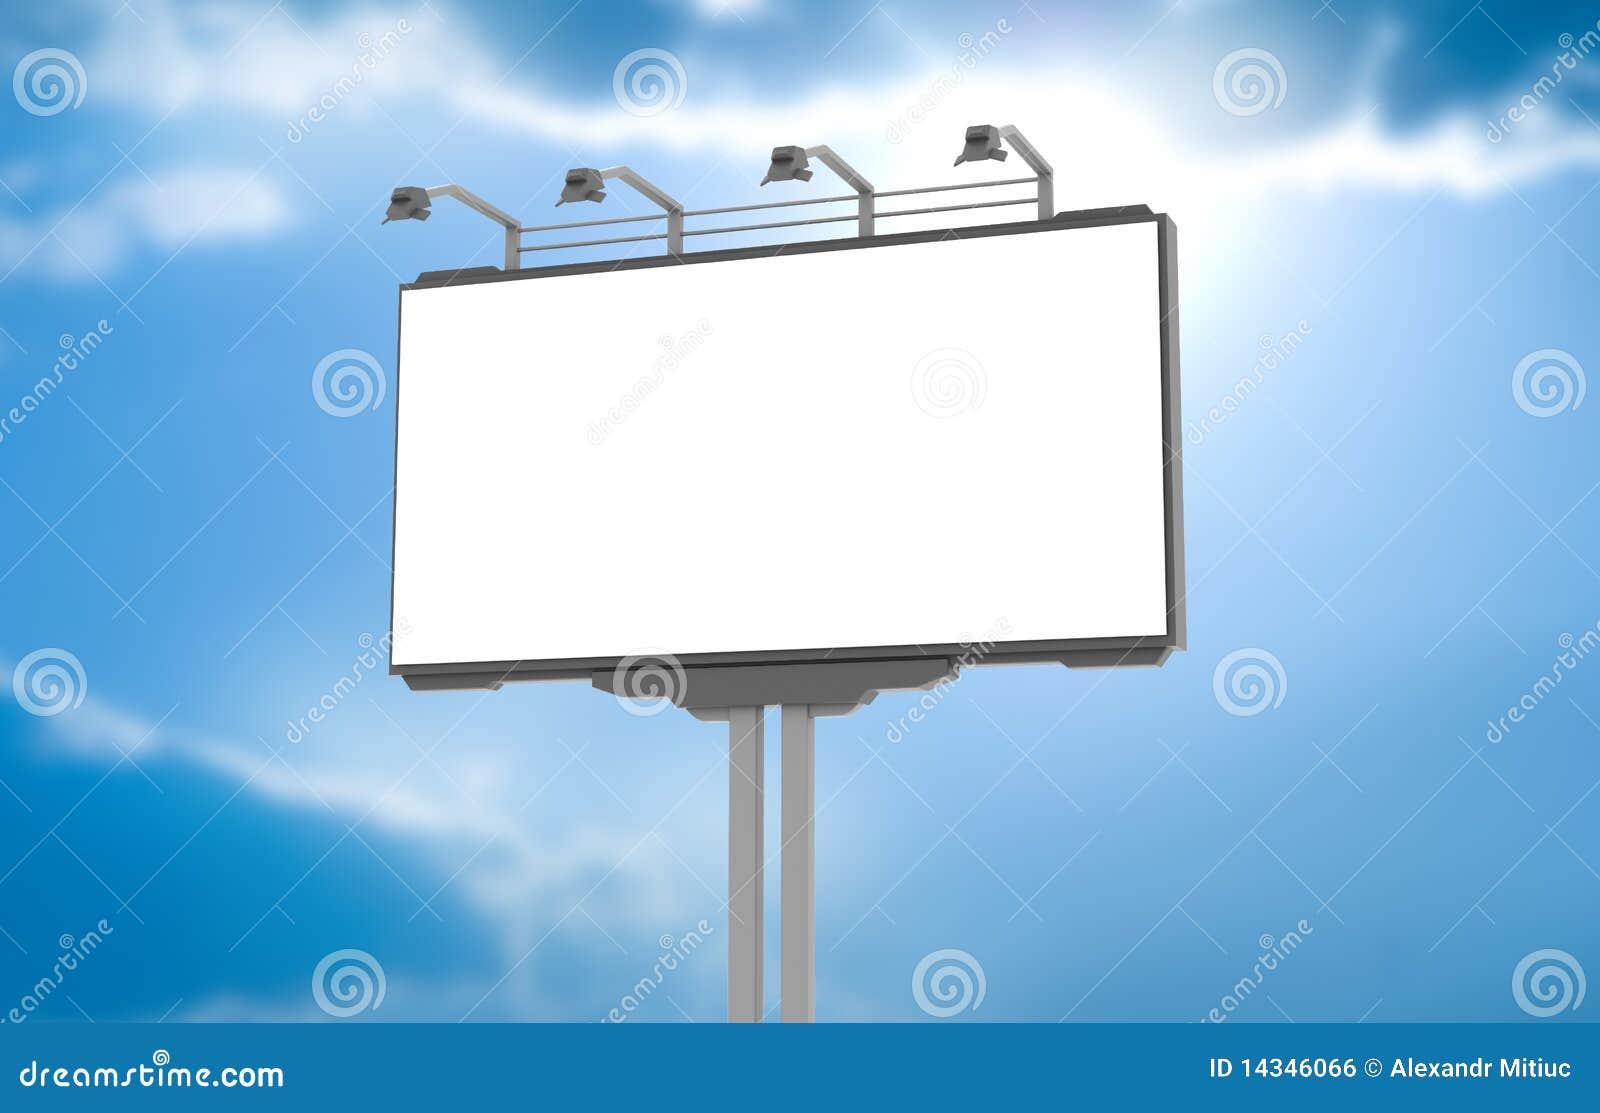 Valla publicitaria vac a del anuncio - Imagen de vallas ...